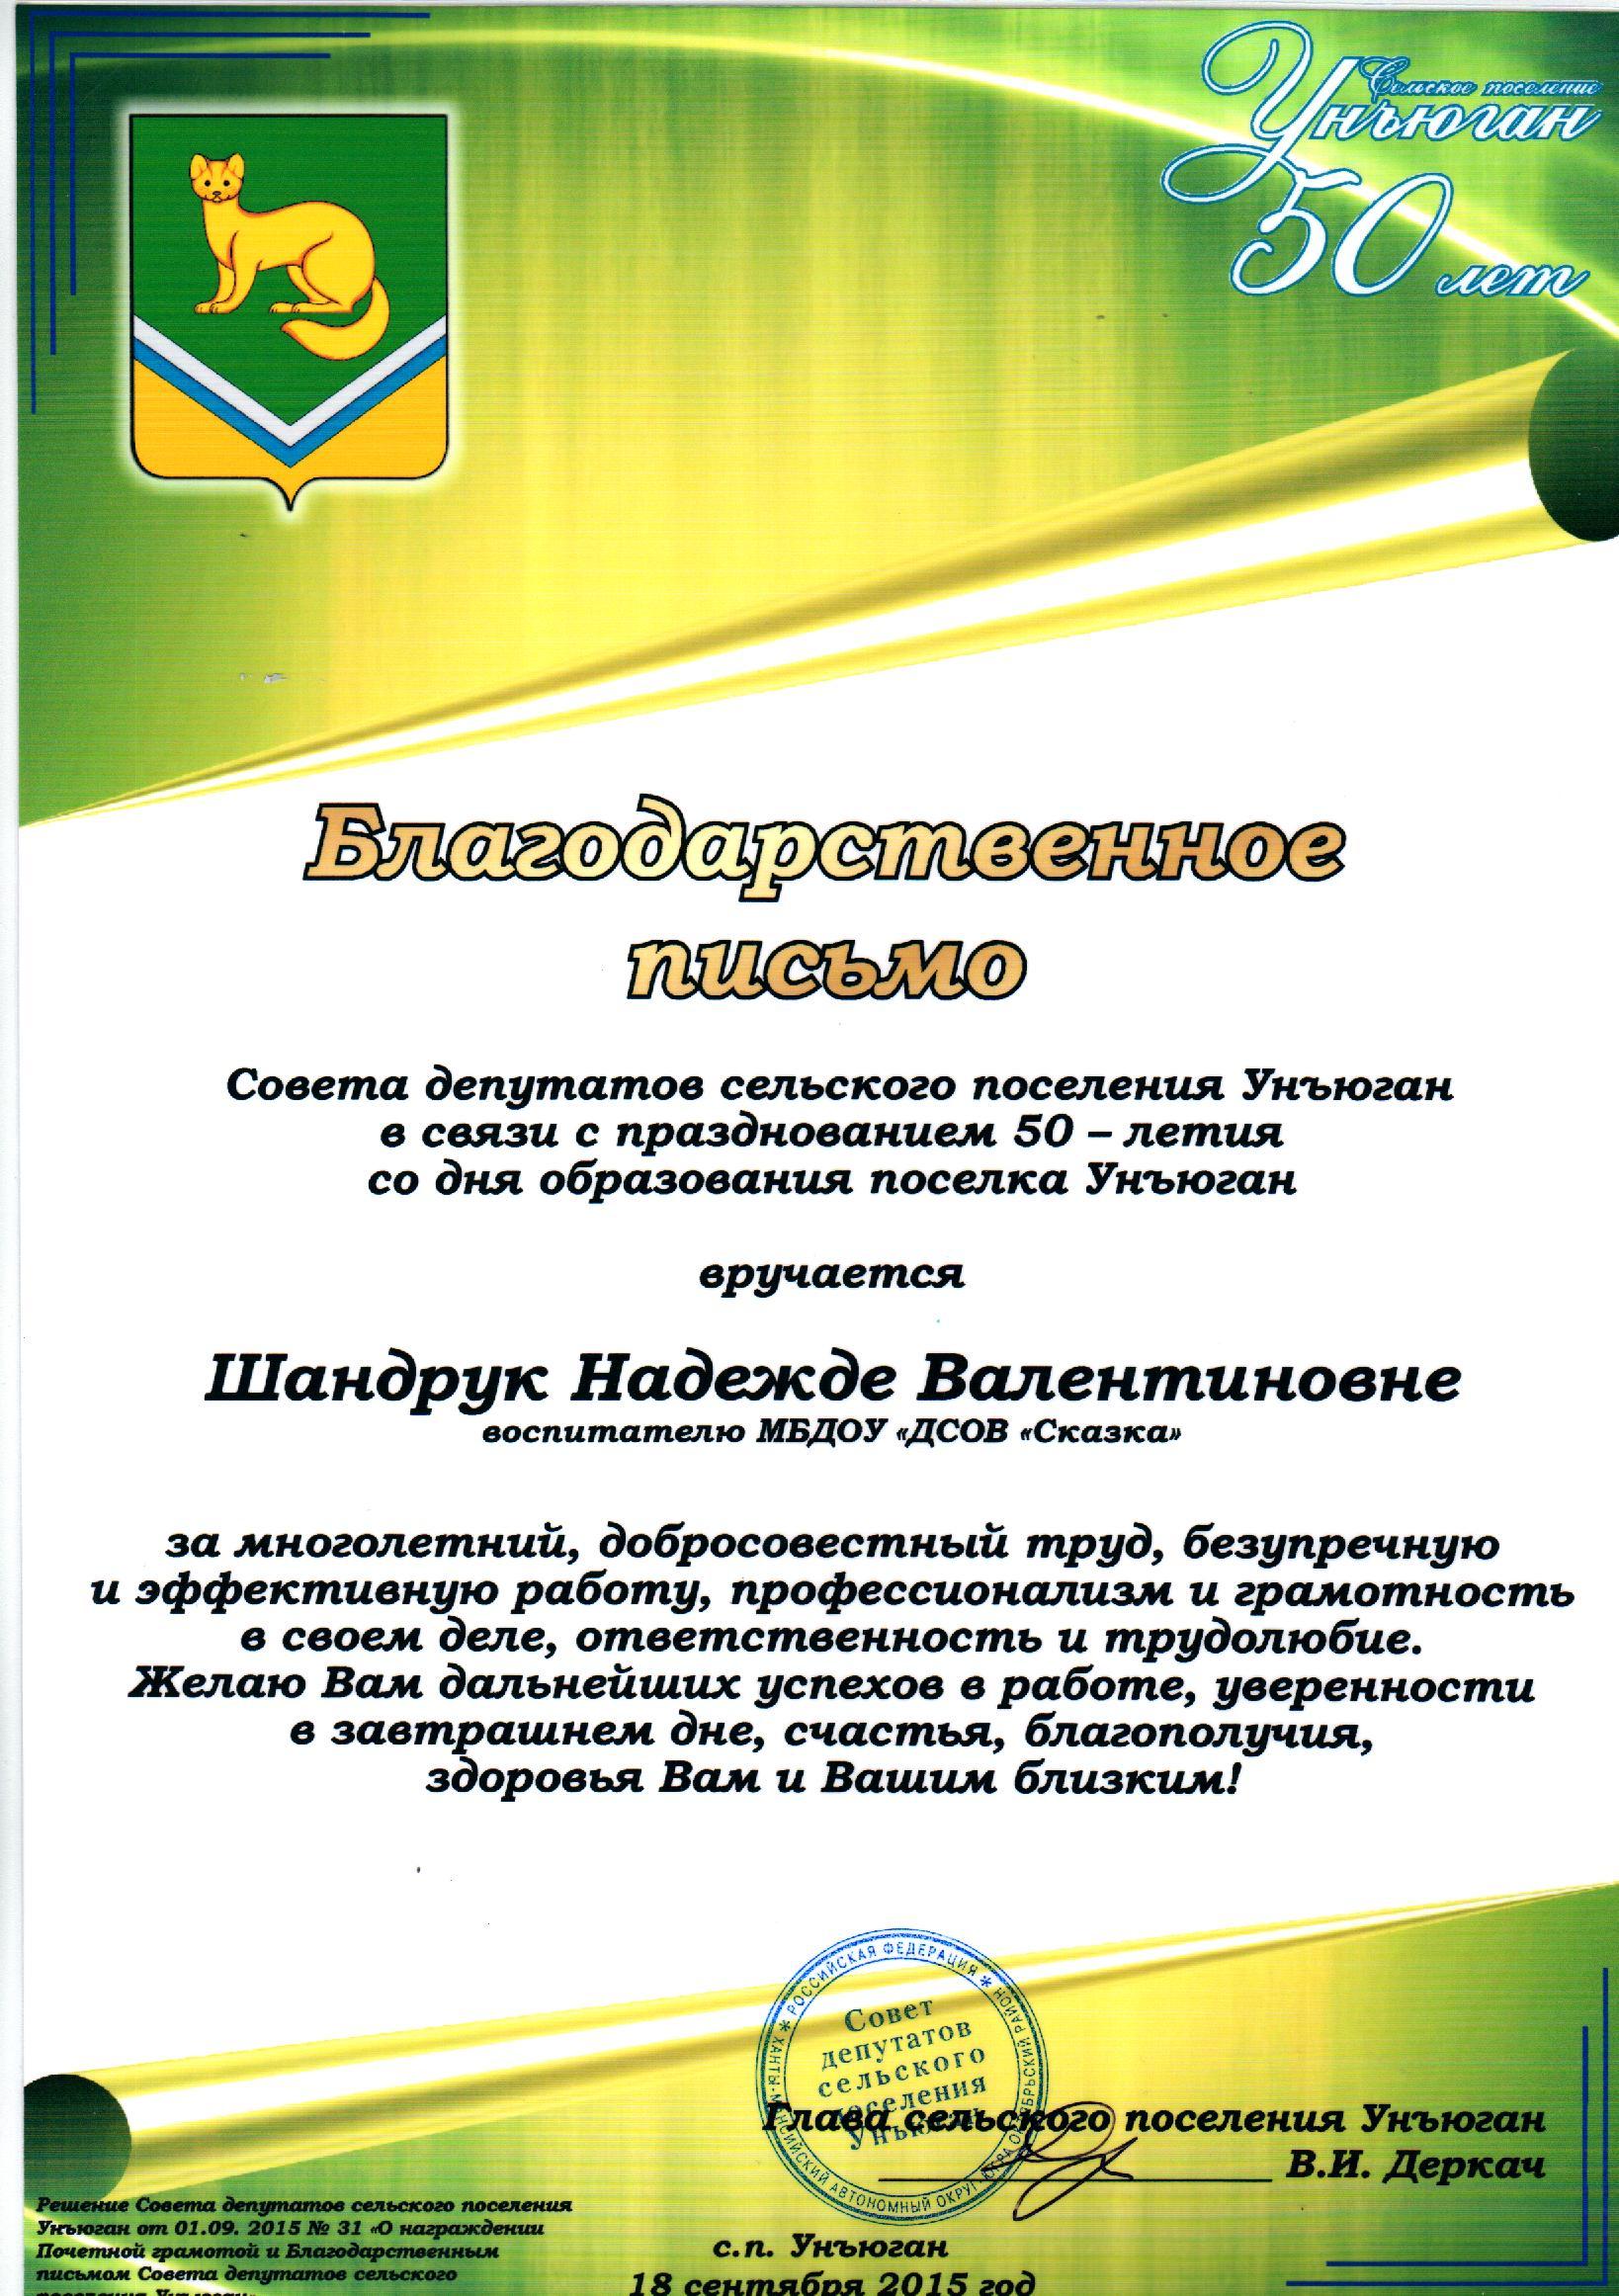 Поздравления с днем села от главы сельского поселения